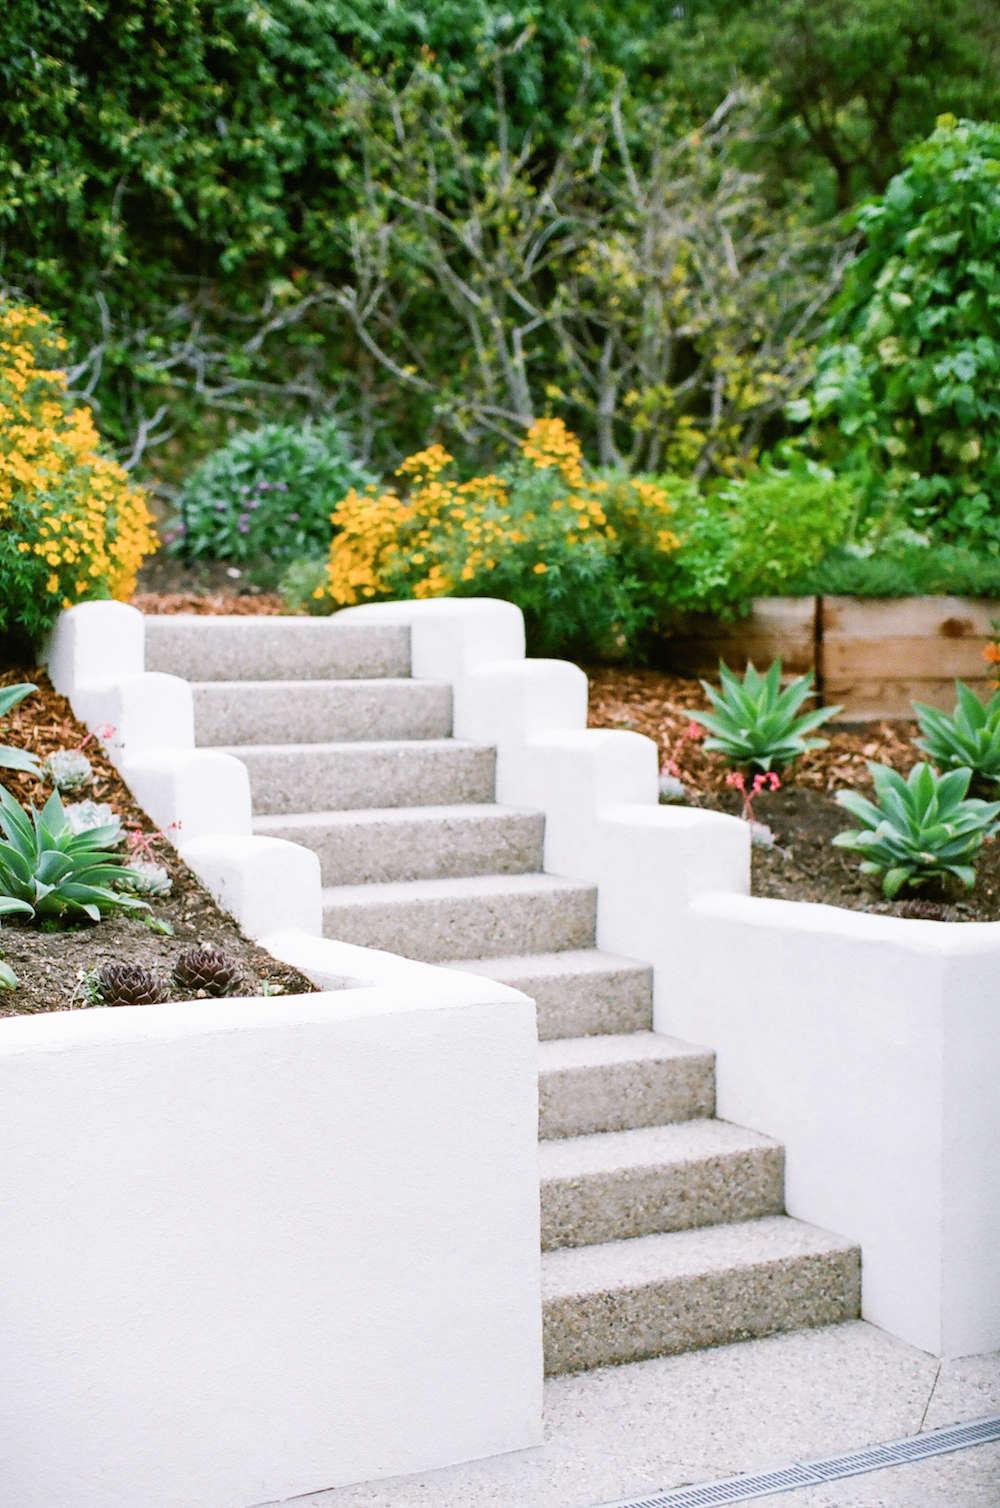 malibu-garden-matthew-brown-staircase-retaining-wall-2-gardenista